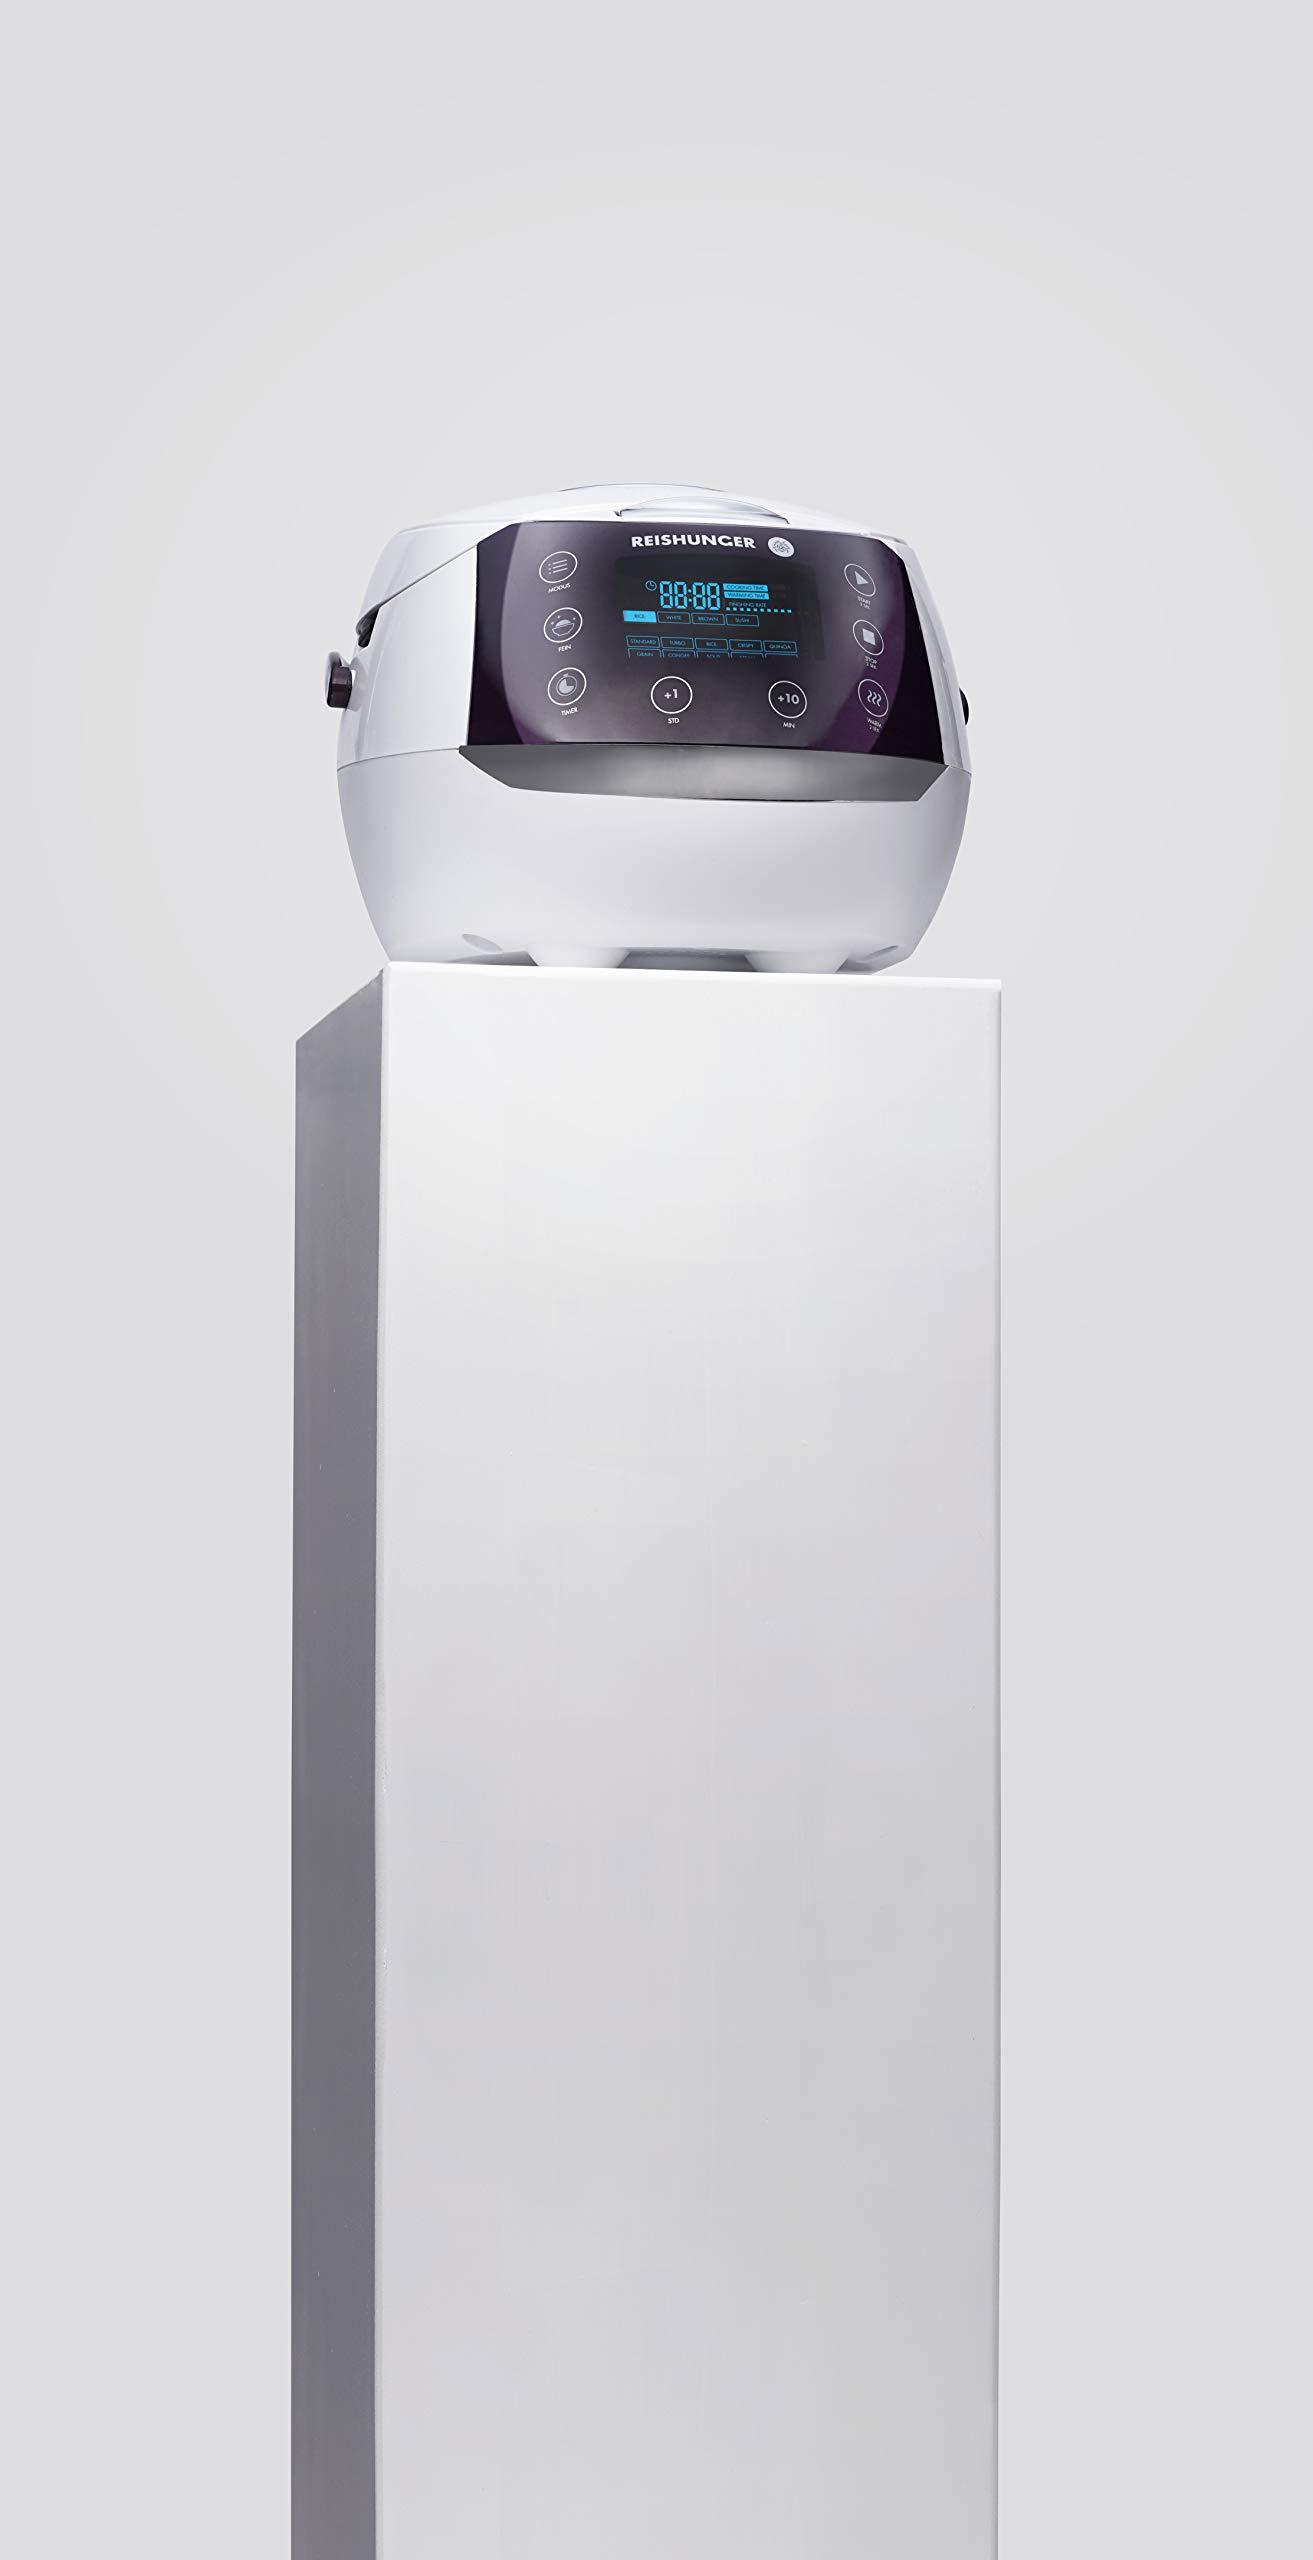 Reishunger - Hervidor de arroz/Arrocera digital (1,5 l/860 W/220 V) Hervidor multifunción con 12 programas, con temporizador y función de conservación del calor - Arroz hasta para 8 personas: Amazon.es: Hogar